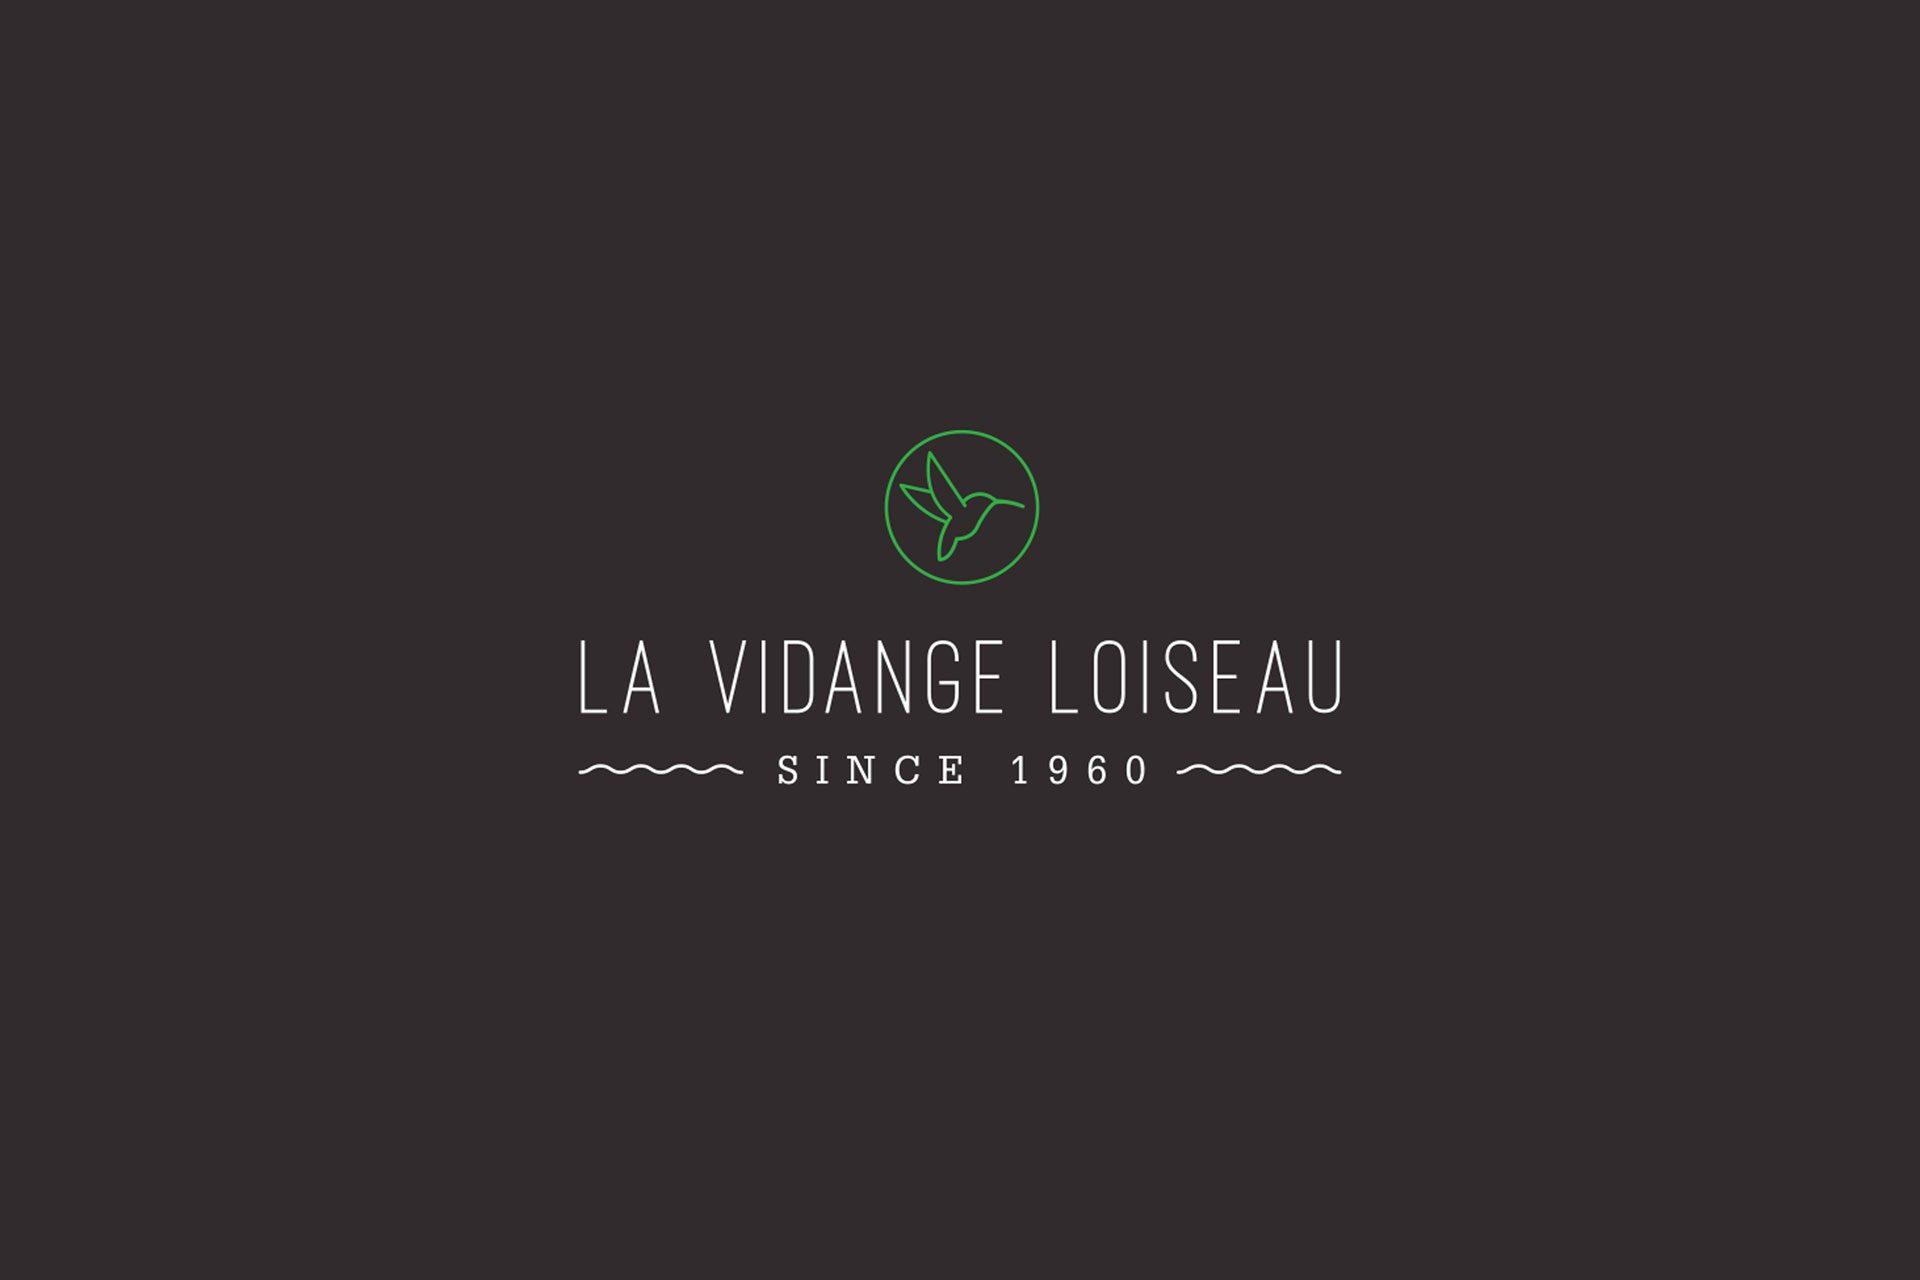 Afbeelding La Vidange Loiseau Brand Identity